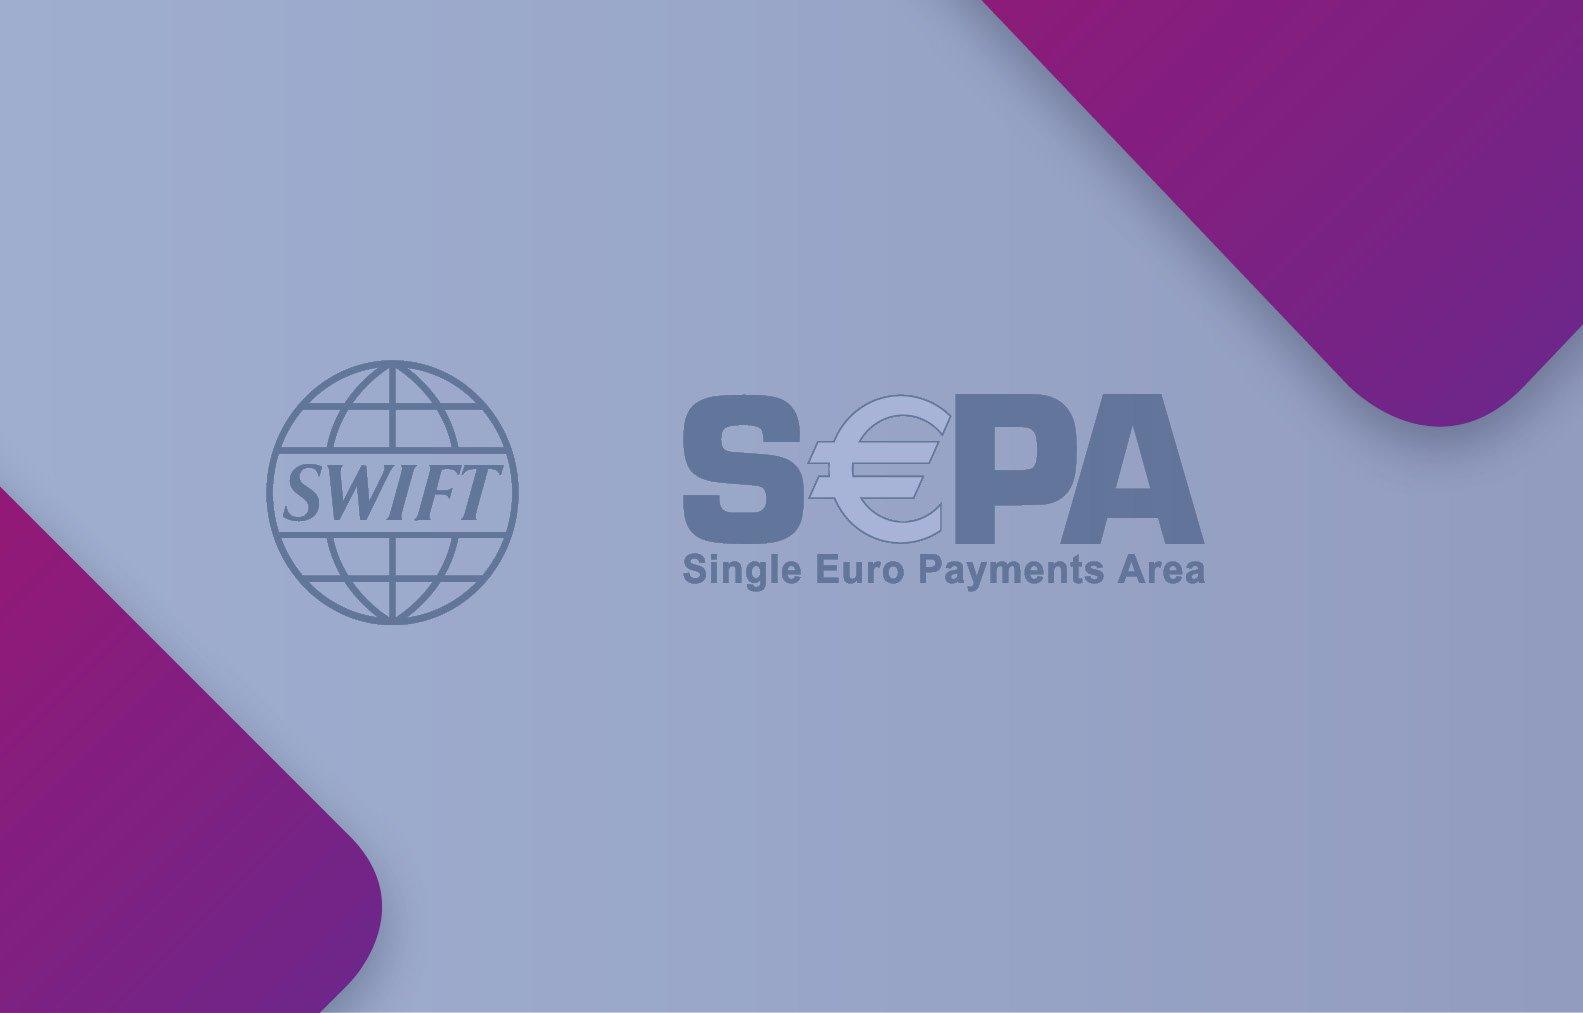 Системы SWIFT и SEPA: в чем различие?